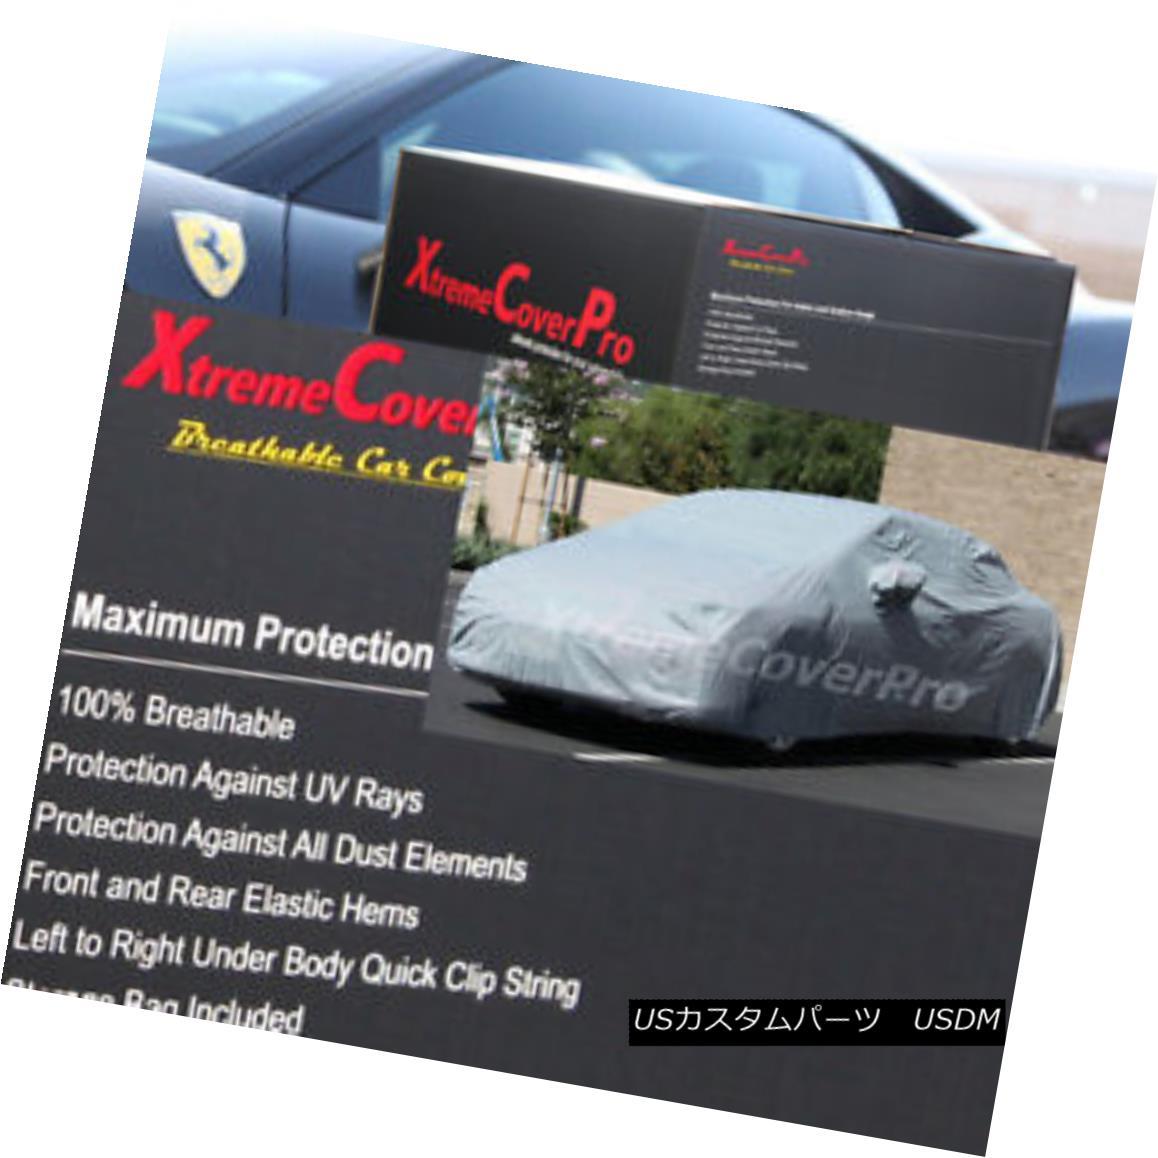 カーカバー 1998 1999 2000 Audi A6 S6 Breathable Car Cover w/MirrorPocket 1998年1999年2000年Audi A6 S6通気性車カバー付きMirrorPocket